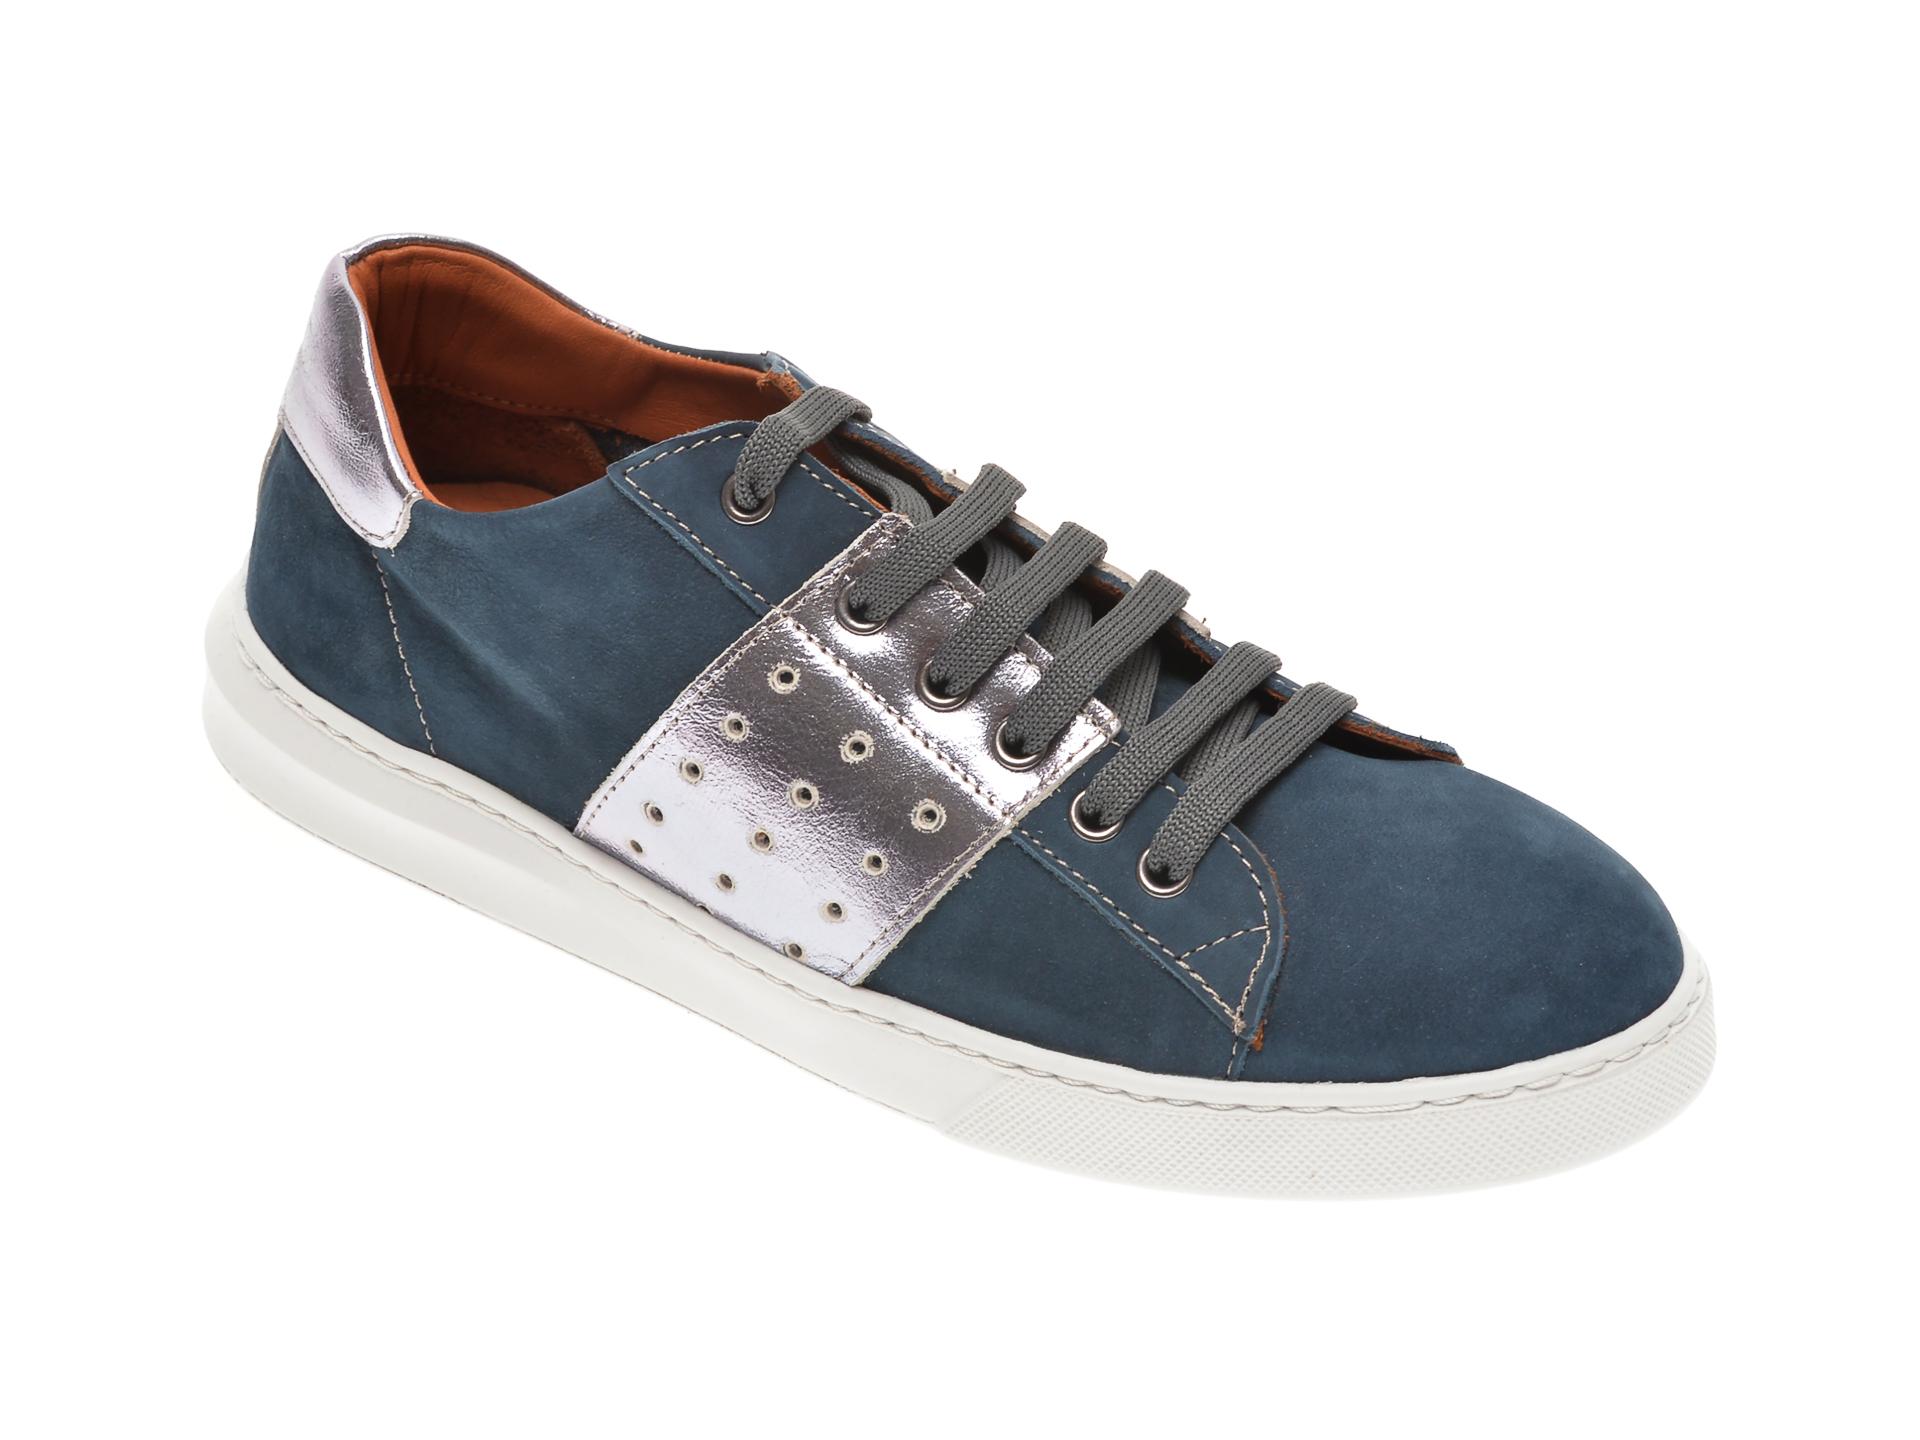 Pantofi BABOOS bleumarin, 2303, din piele naturala imagine